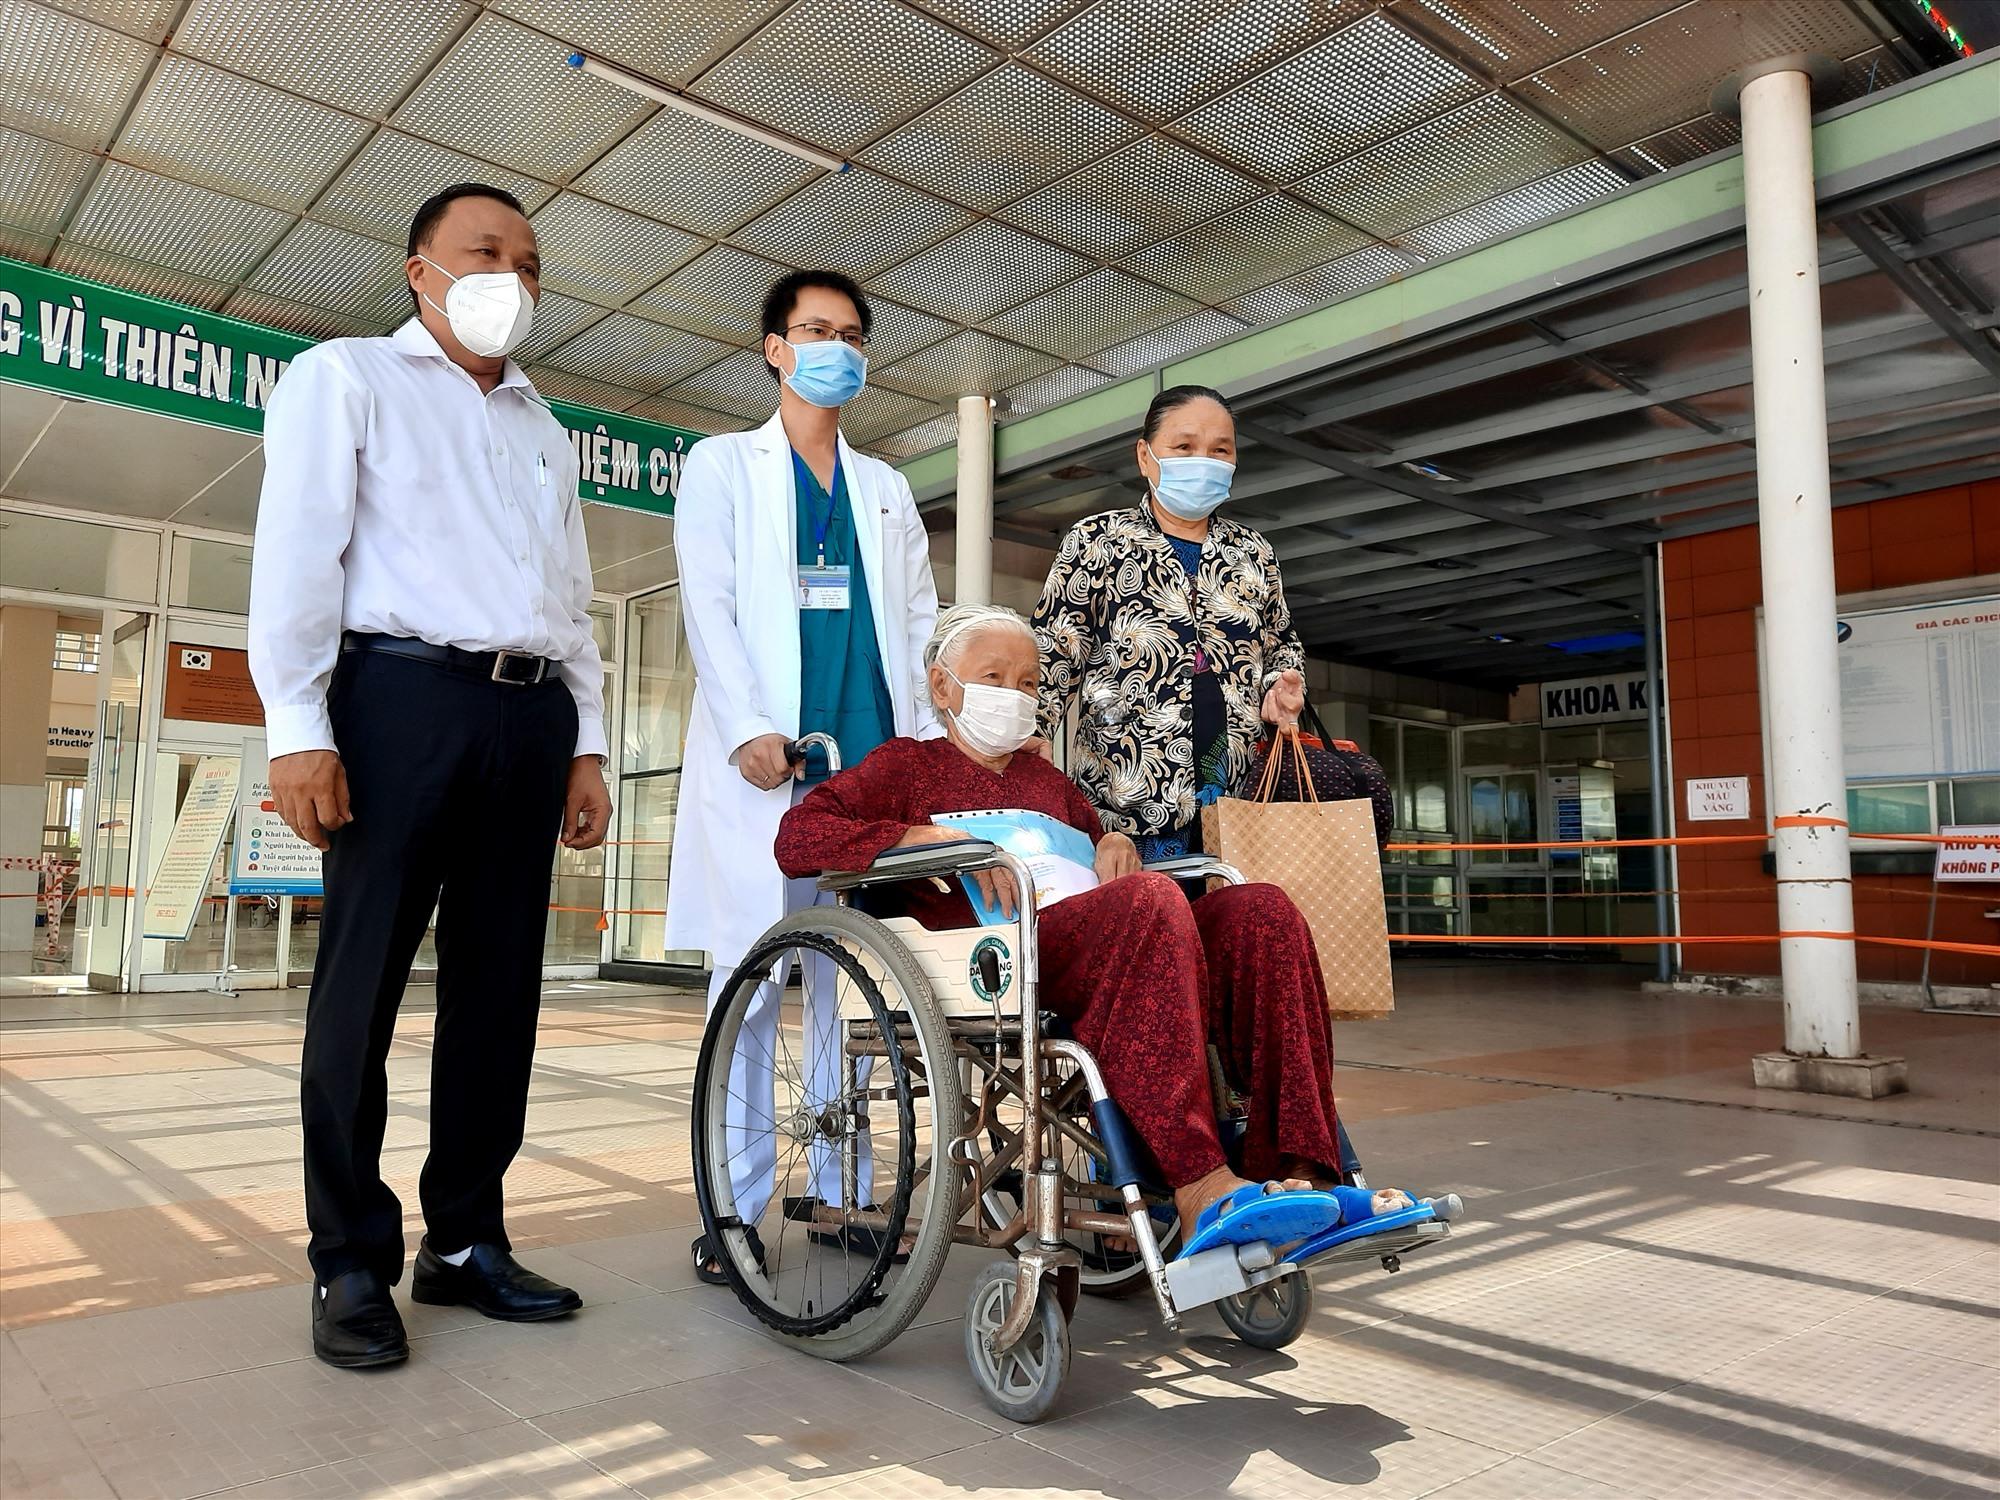 Cụ bà 100 tuổi là bệnh nhân 592 đã được chữa khỏi bệnh. Ảnh: Q.T